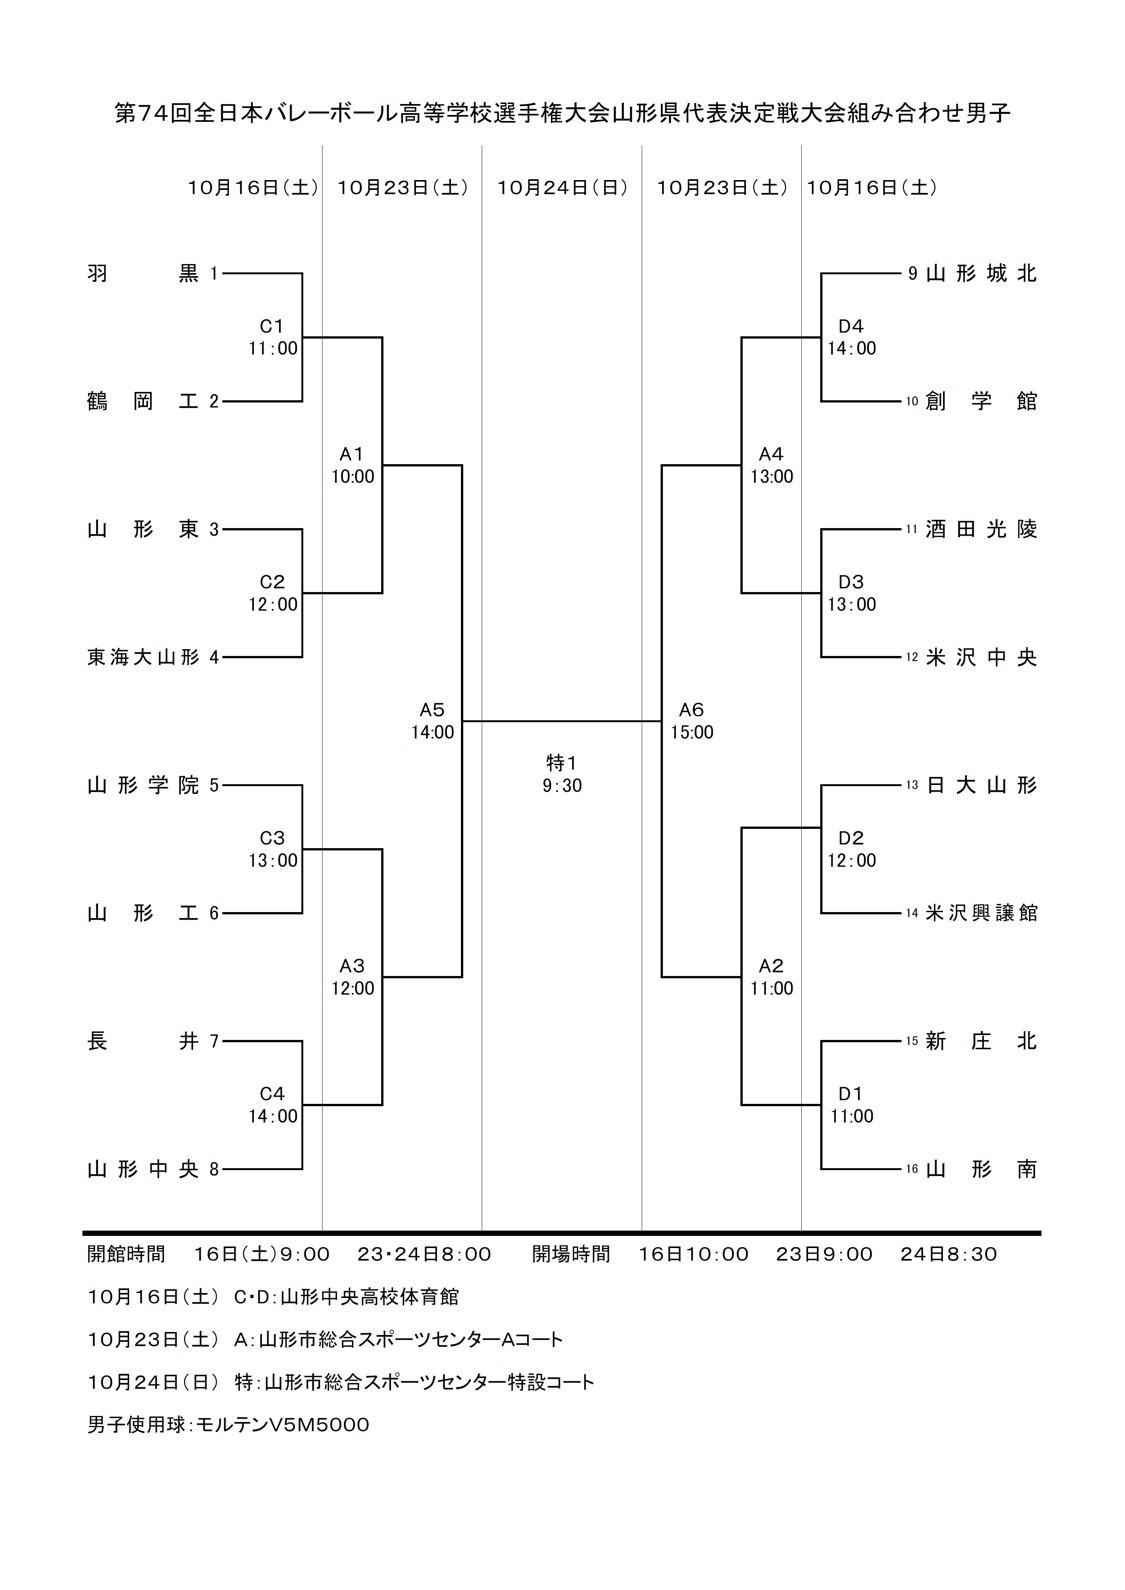 2021年度_全日本高校選手権_山形予選_男子_組合せ